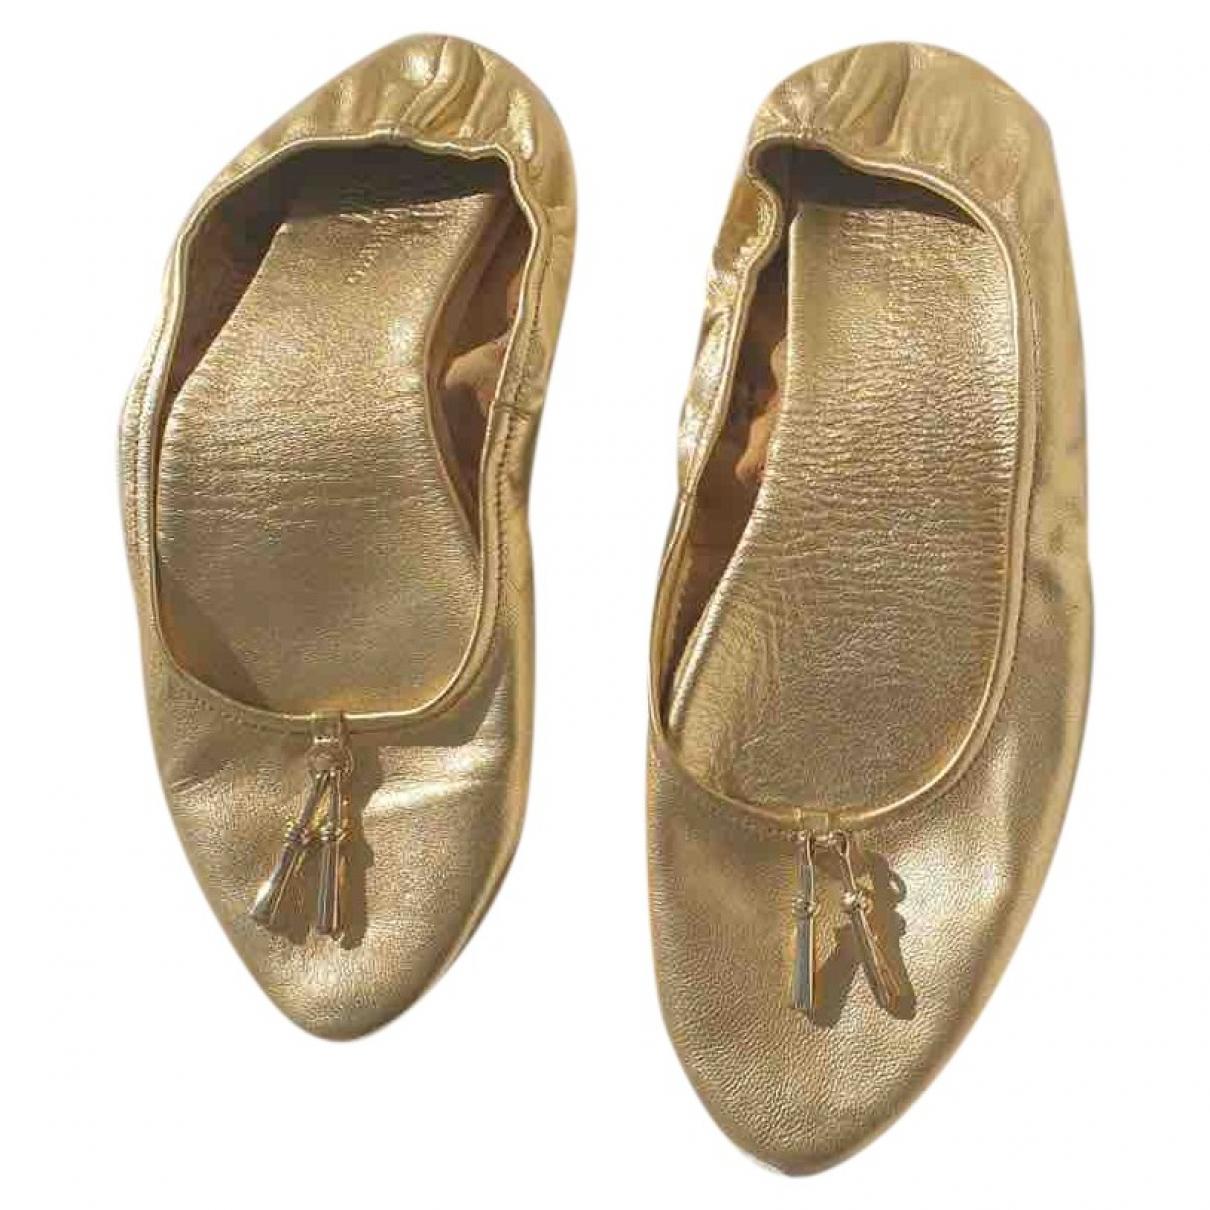 Bailarinas de Cuero Anna Dello Russo Pour H&m